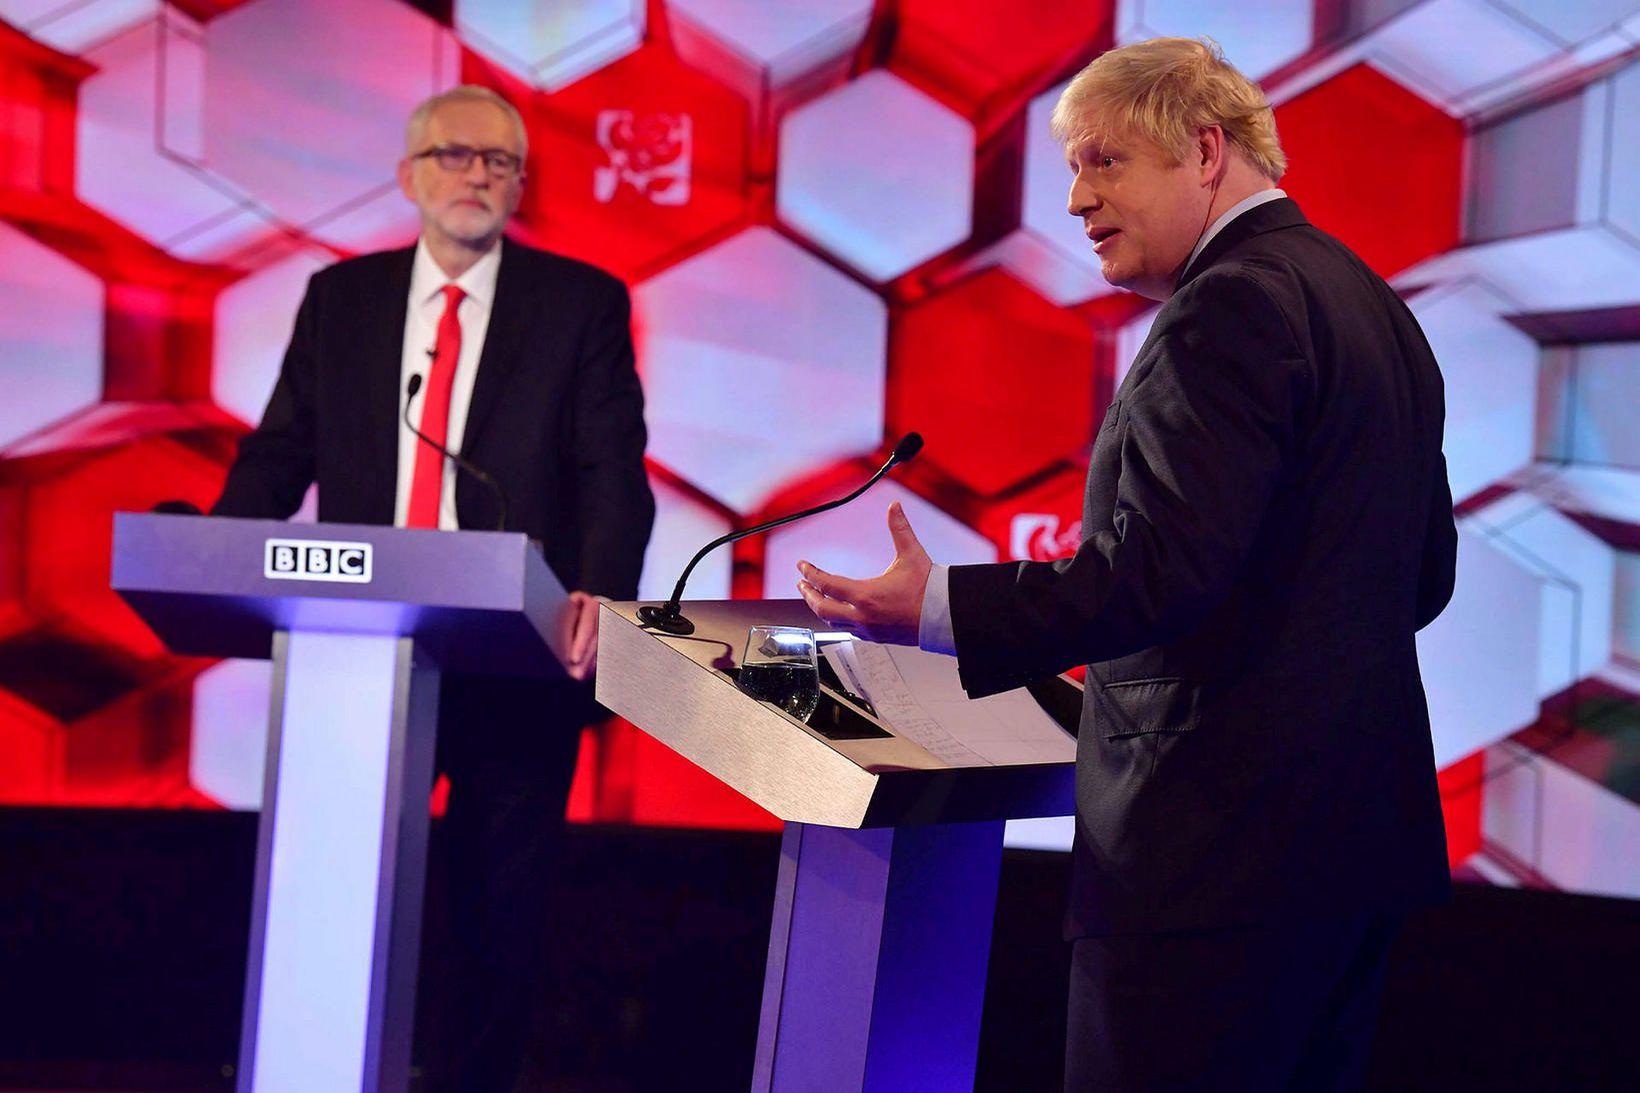 Þeir Johnson og Corbyn voru ekki sammála um eitt né …